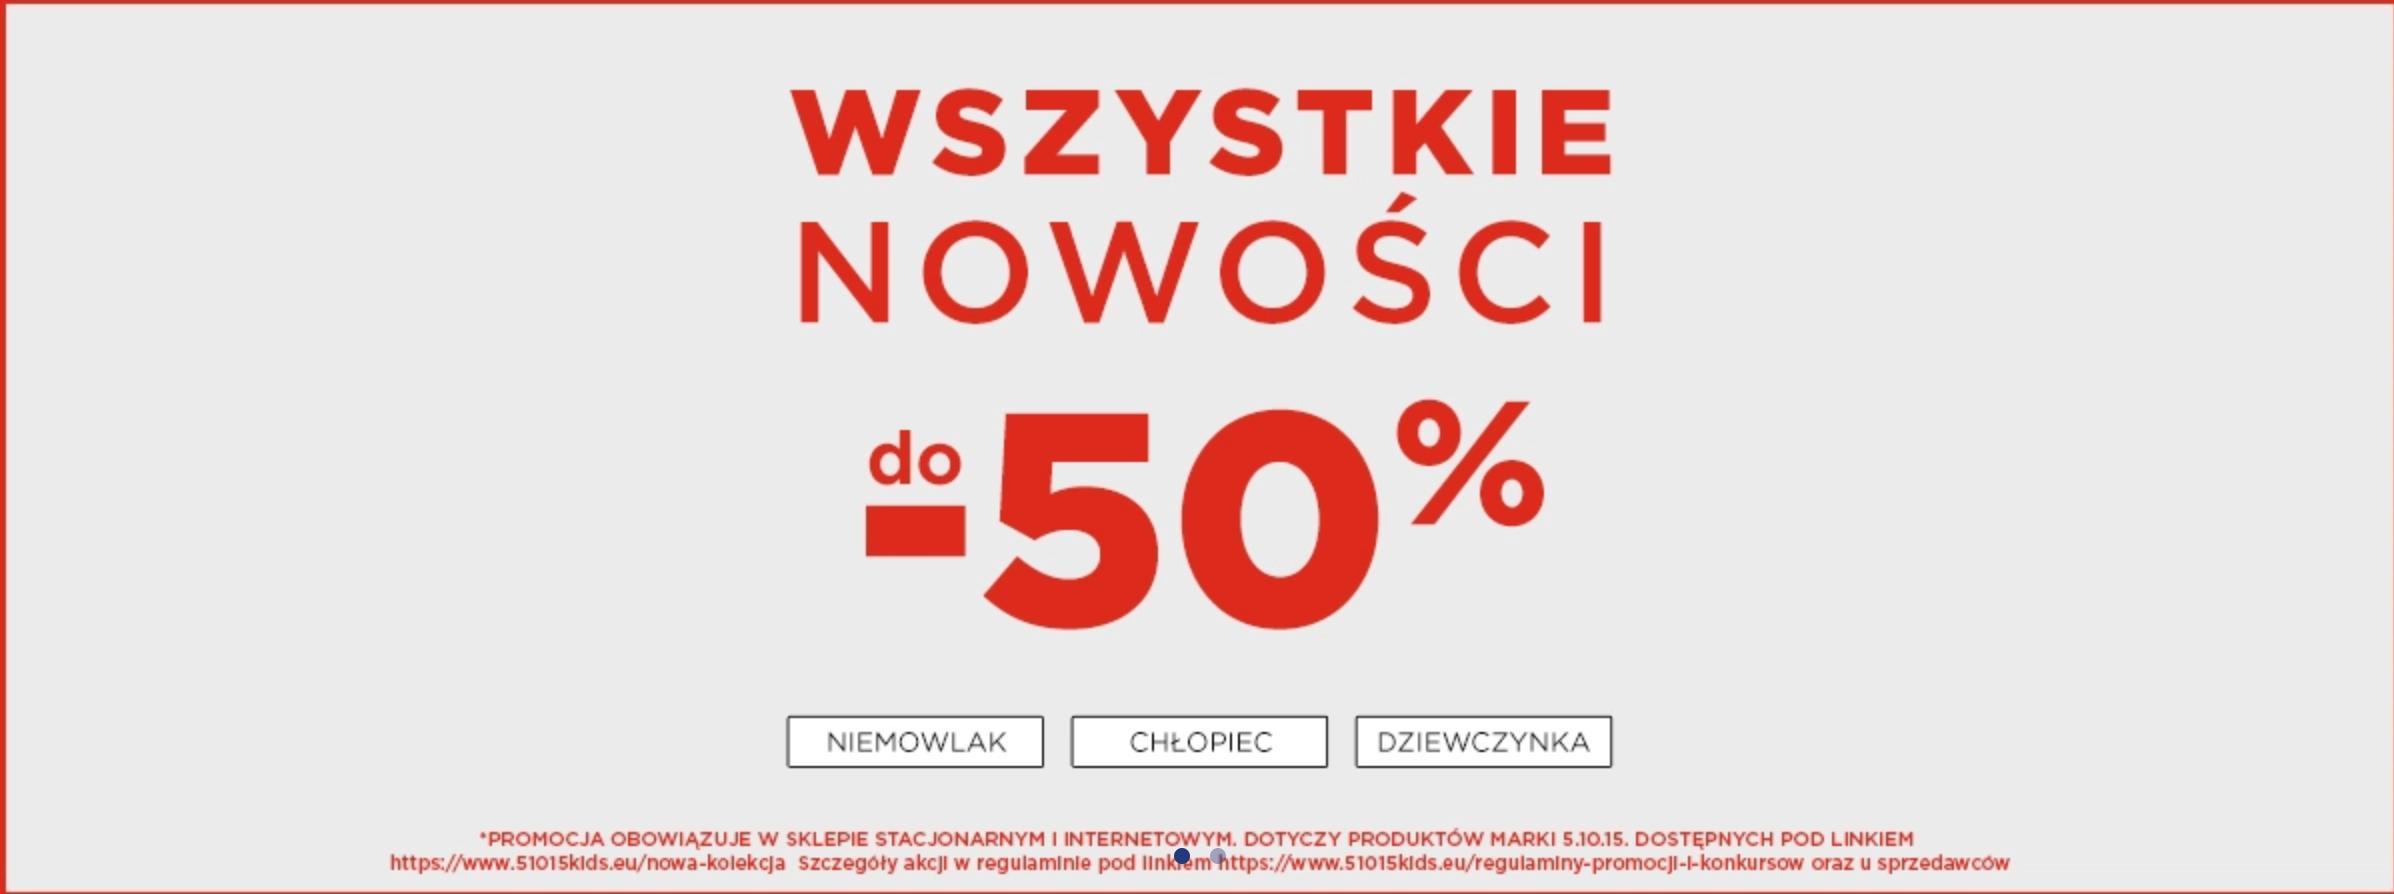 5.10.15.: do 50% rabatu na odzież dziecięcą z nowej kolekcji